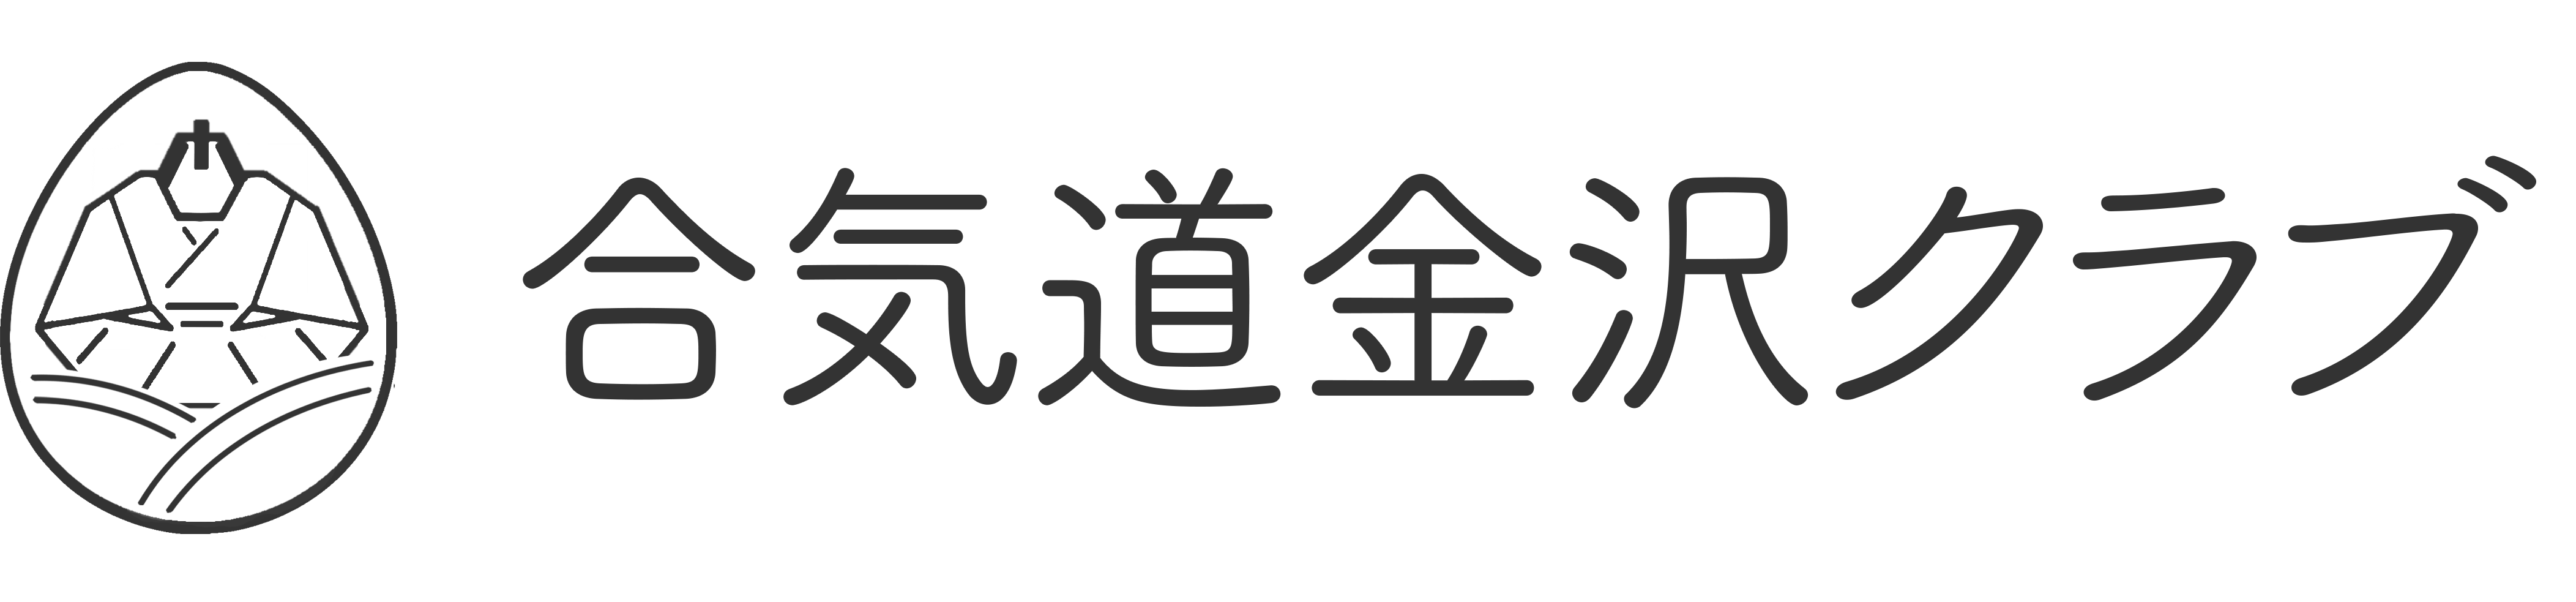 合気道金沢クラブ